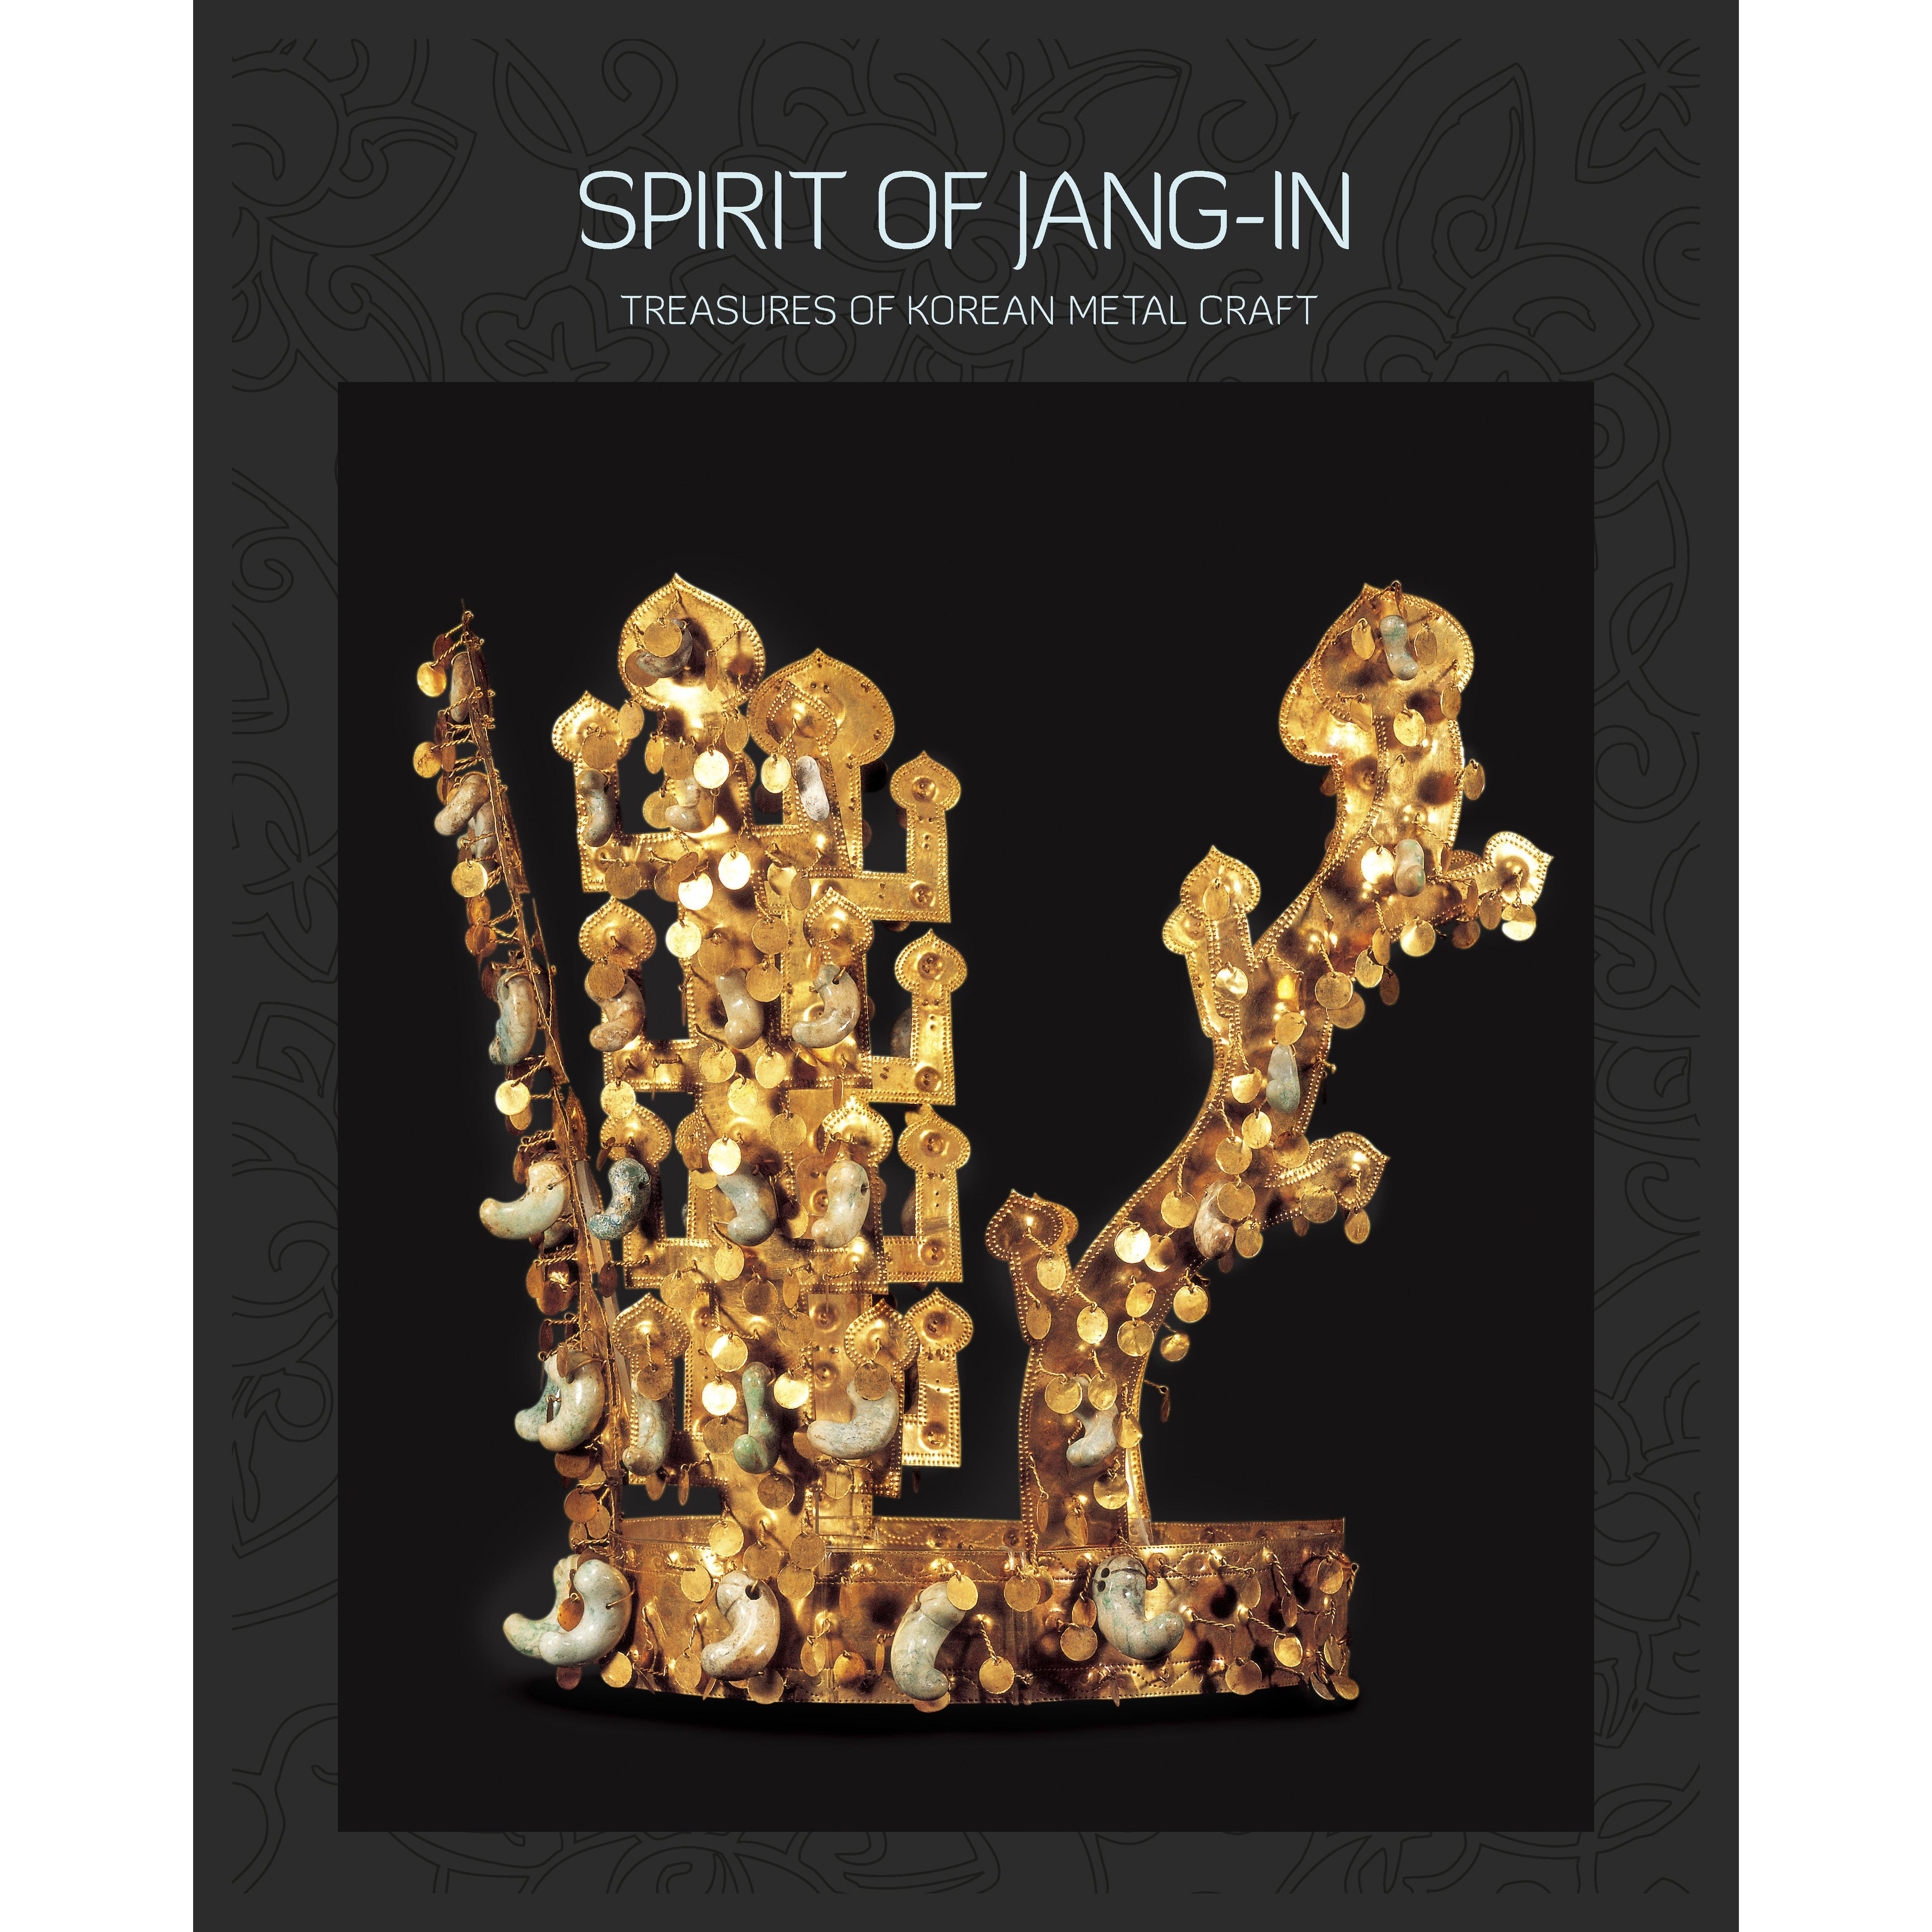 Book cover, Spirit of Jang-in: Treasures of Korean Metal Craft.